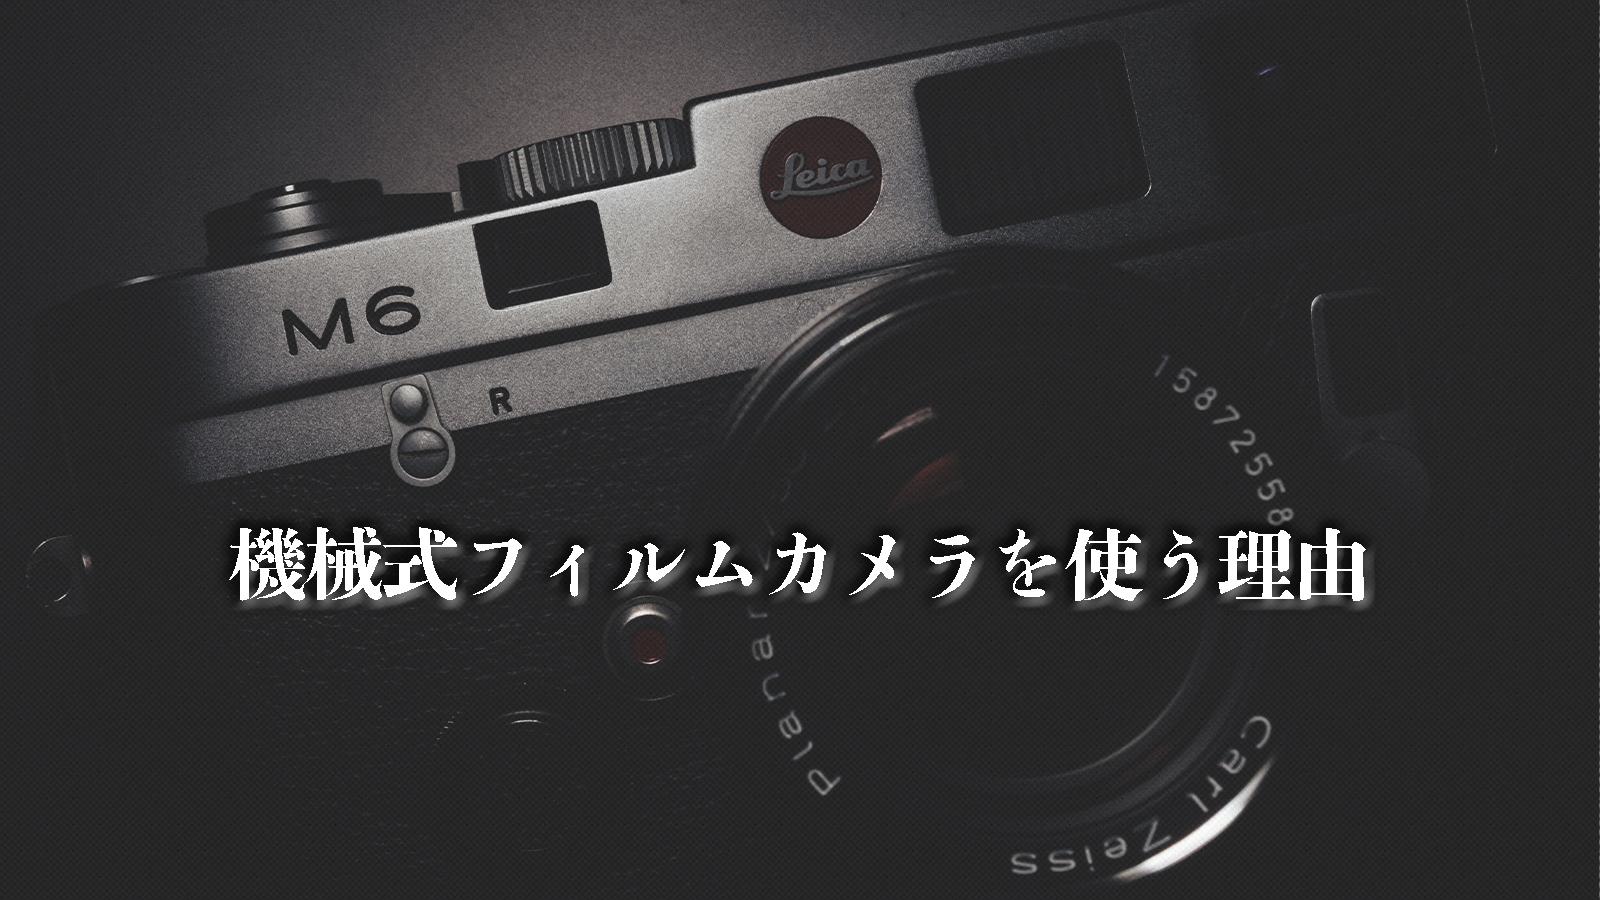 平成最後の年に機械式フィルムカメラを使う理由